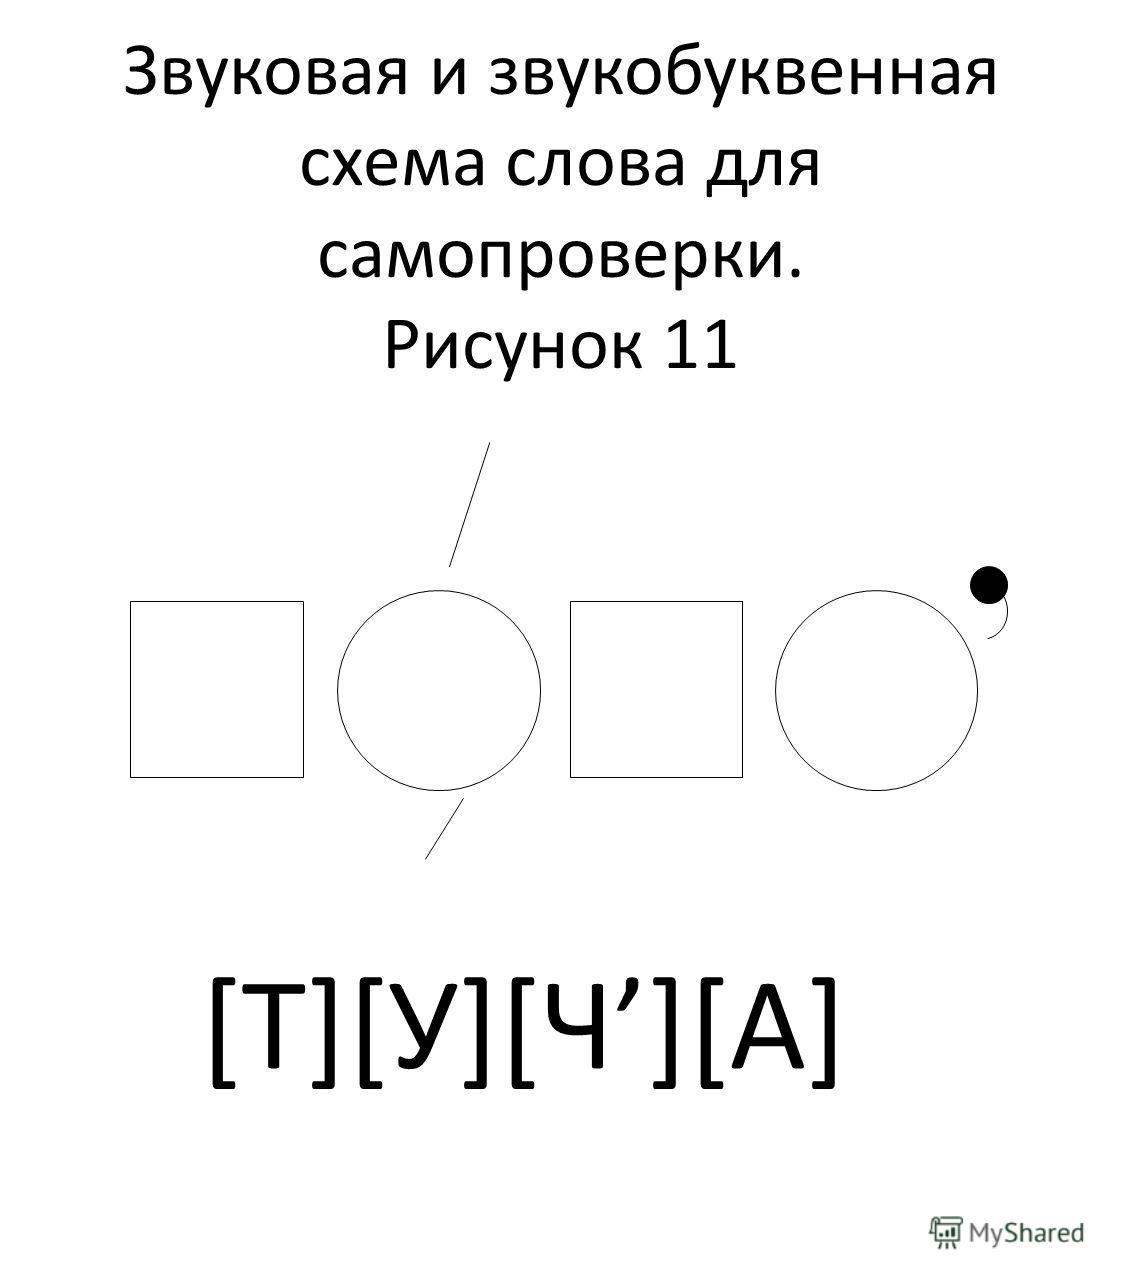 Звуковая и звукобуквенная схема слова для самопроверки. Рисунок 11 [Т][У][Ч][А]